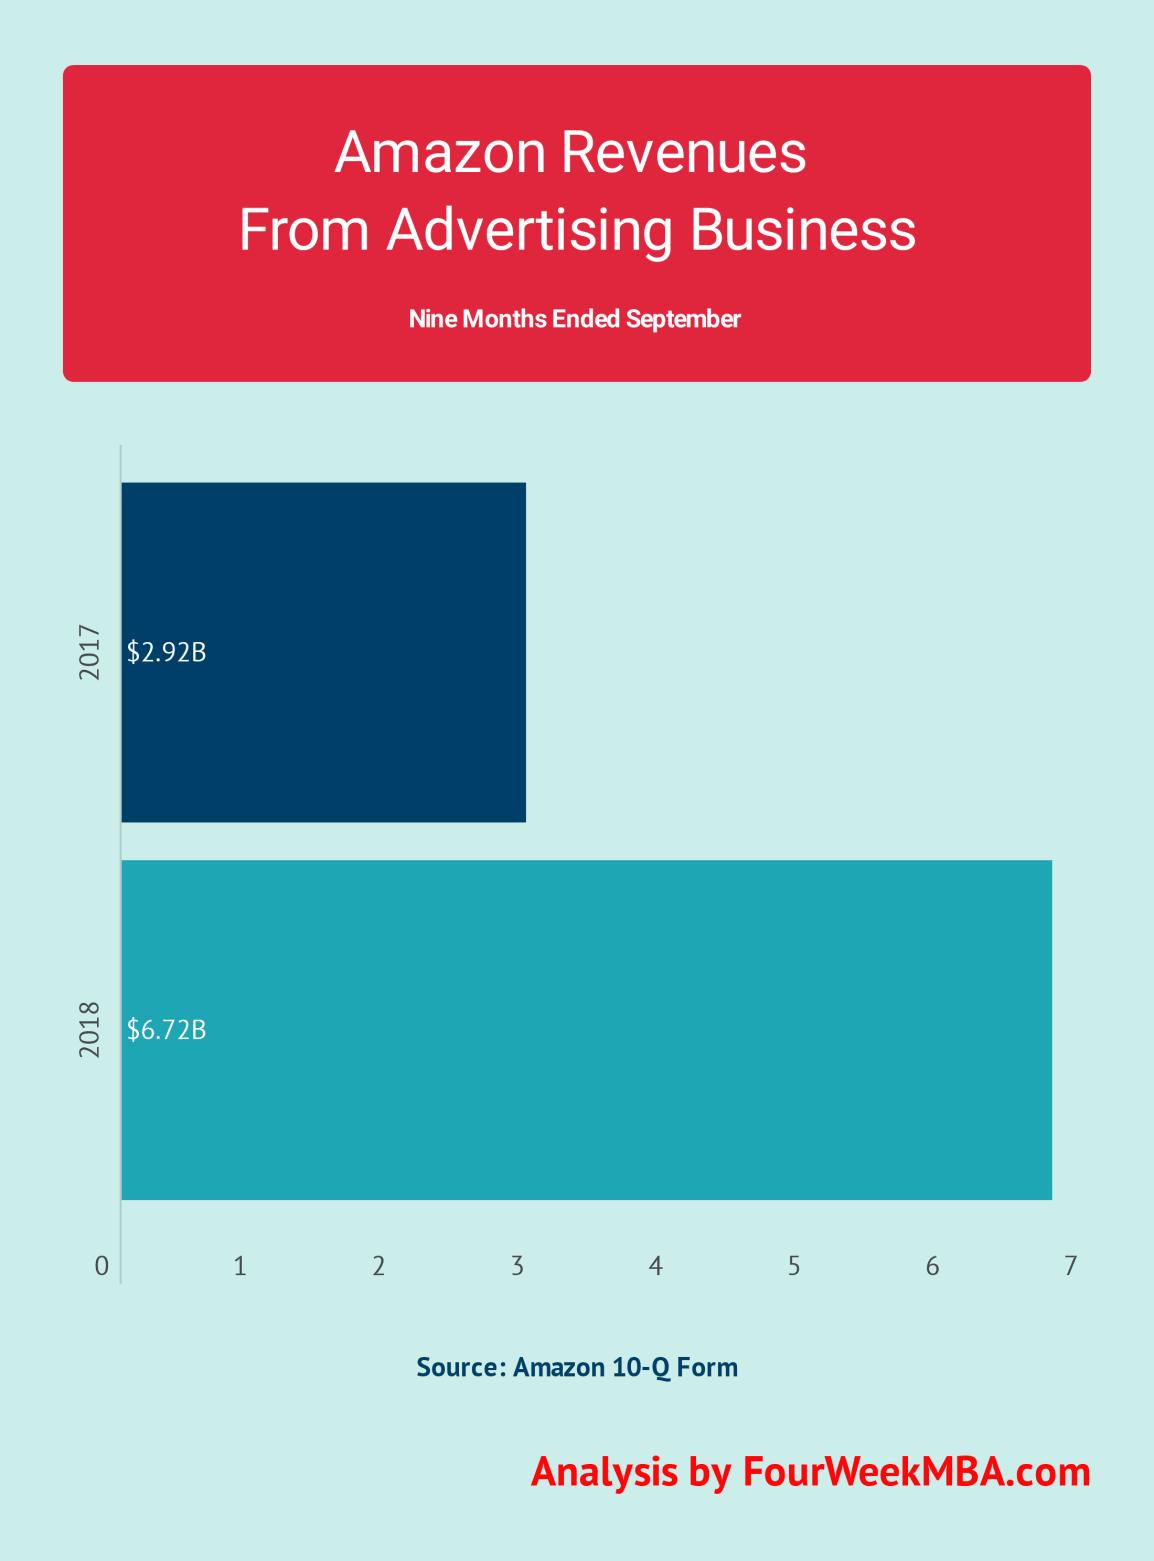 amazon-advertising-revenues-2017-2018